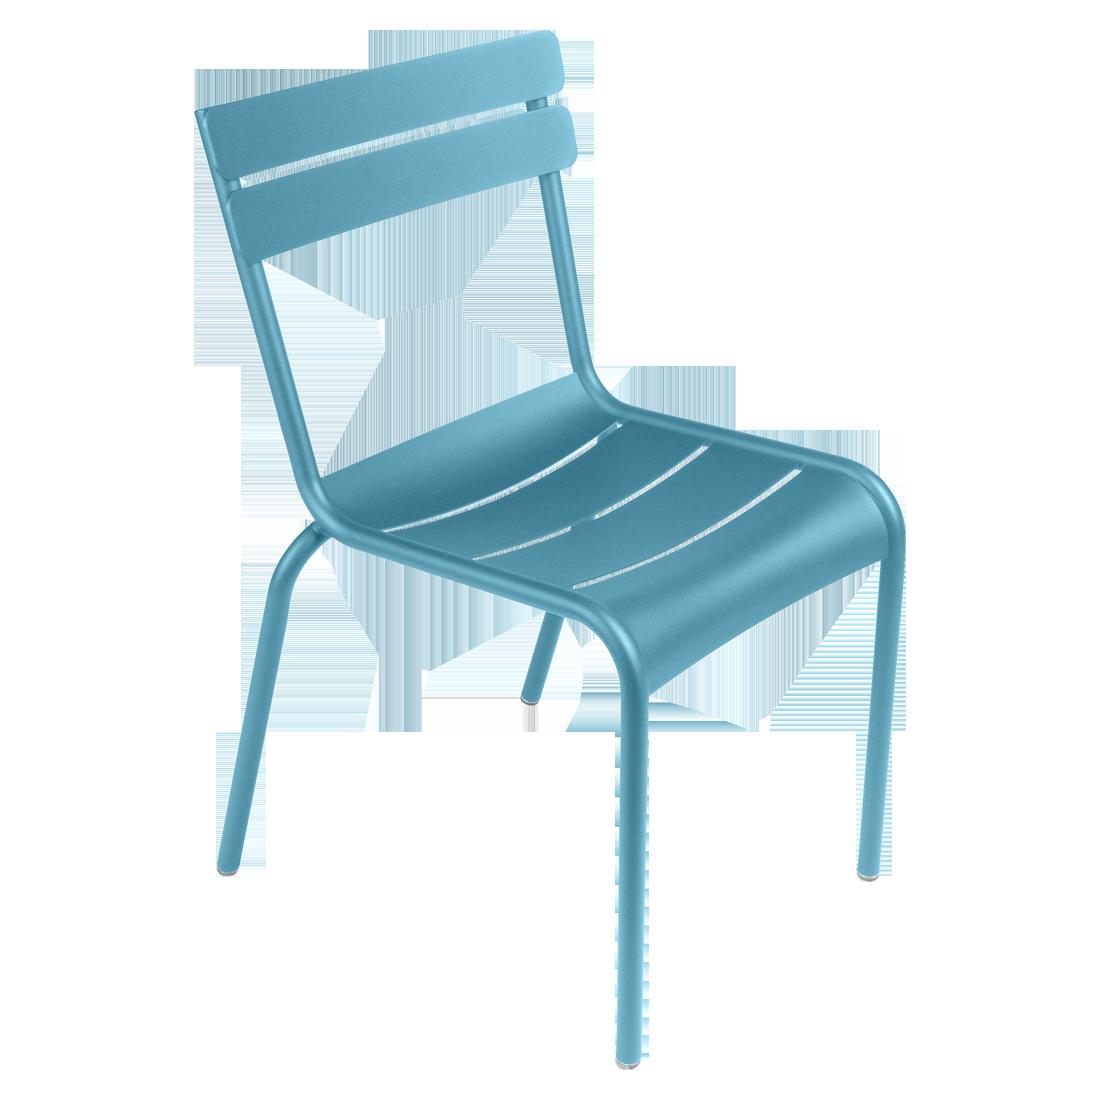 Chaise Luxembourg chaise de jardin métal